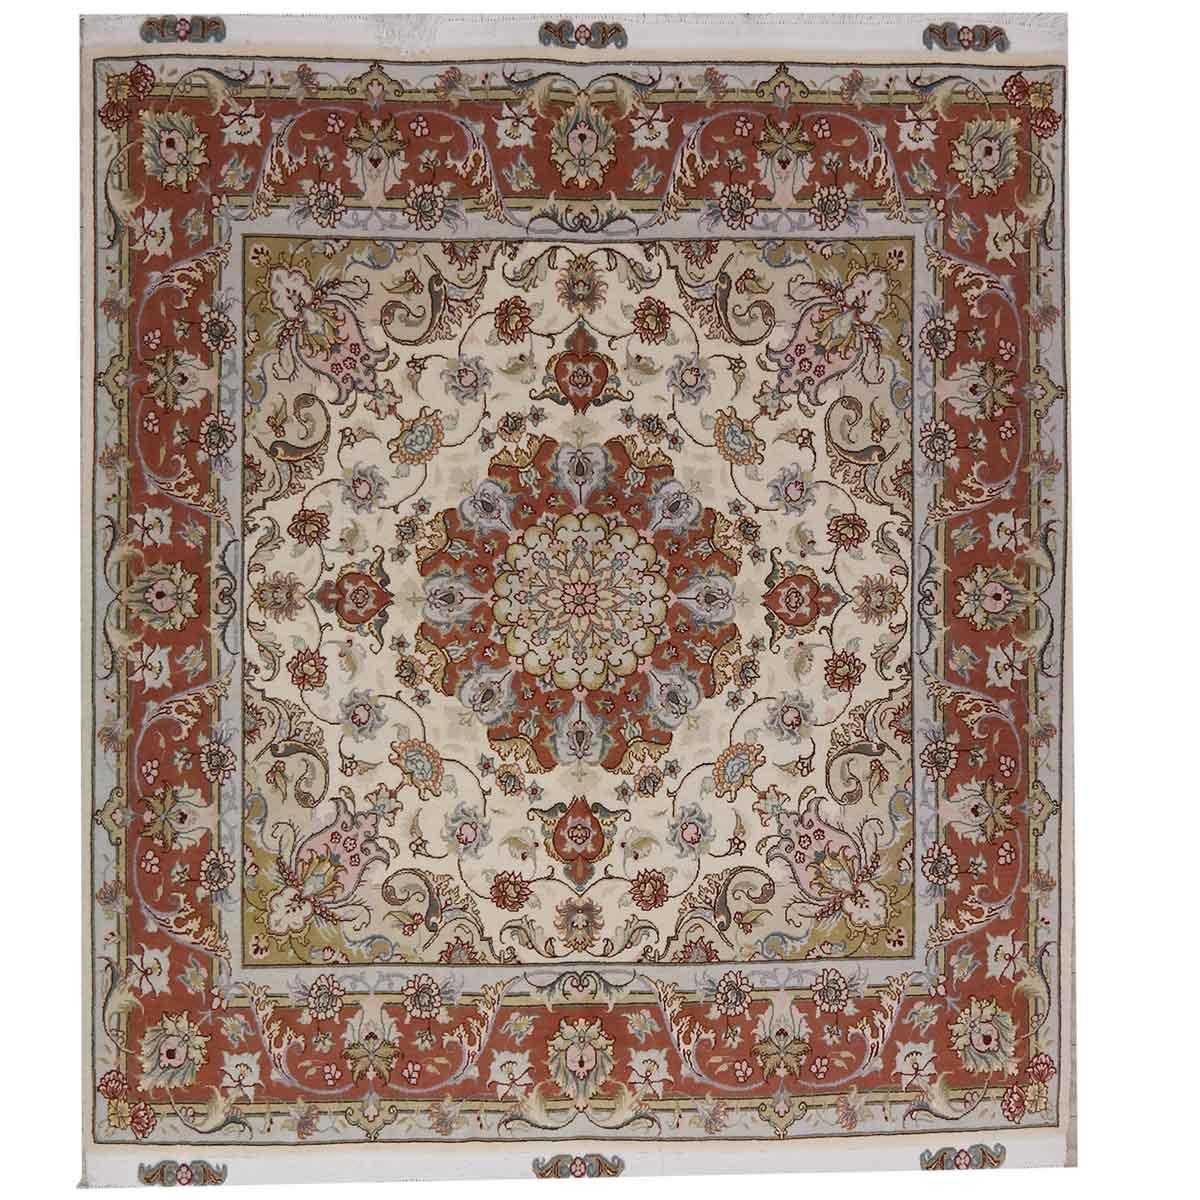 Tabriz-5984-152×150-5250